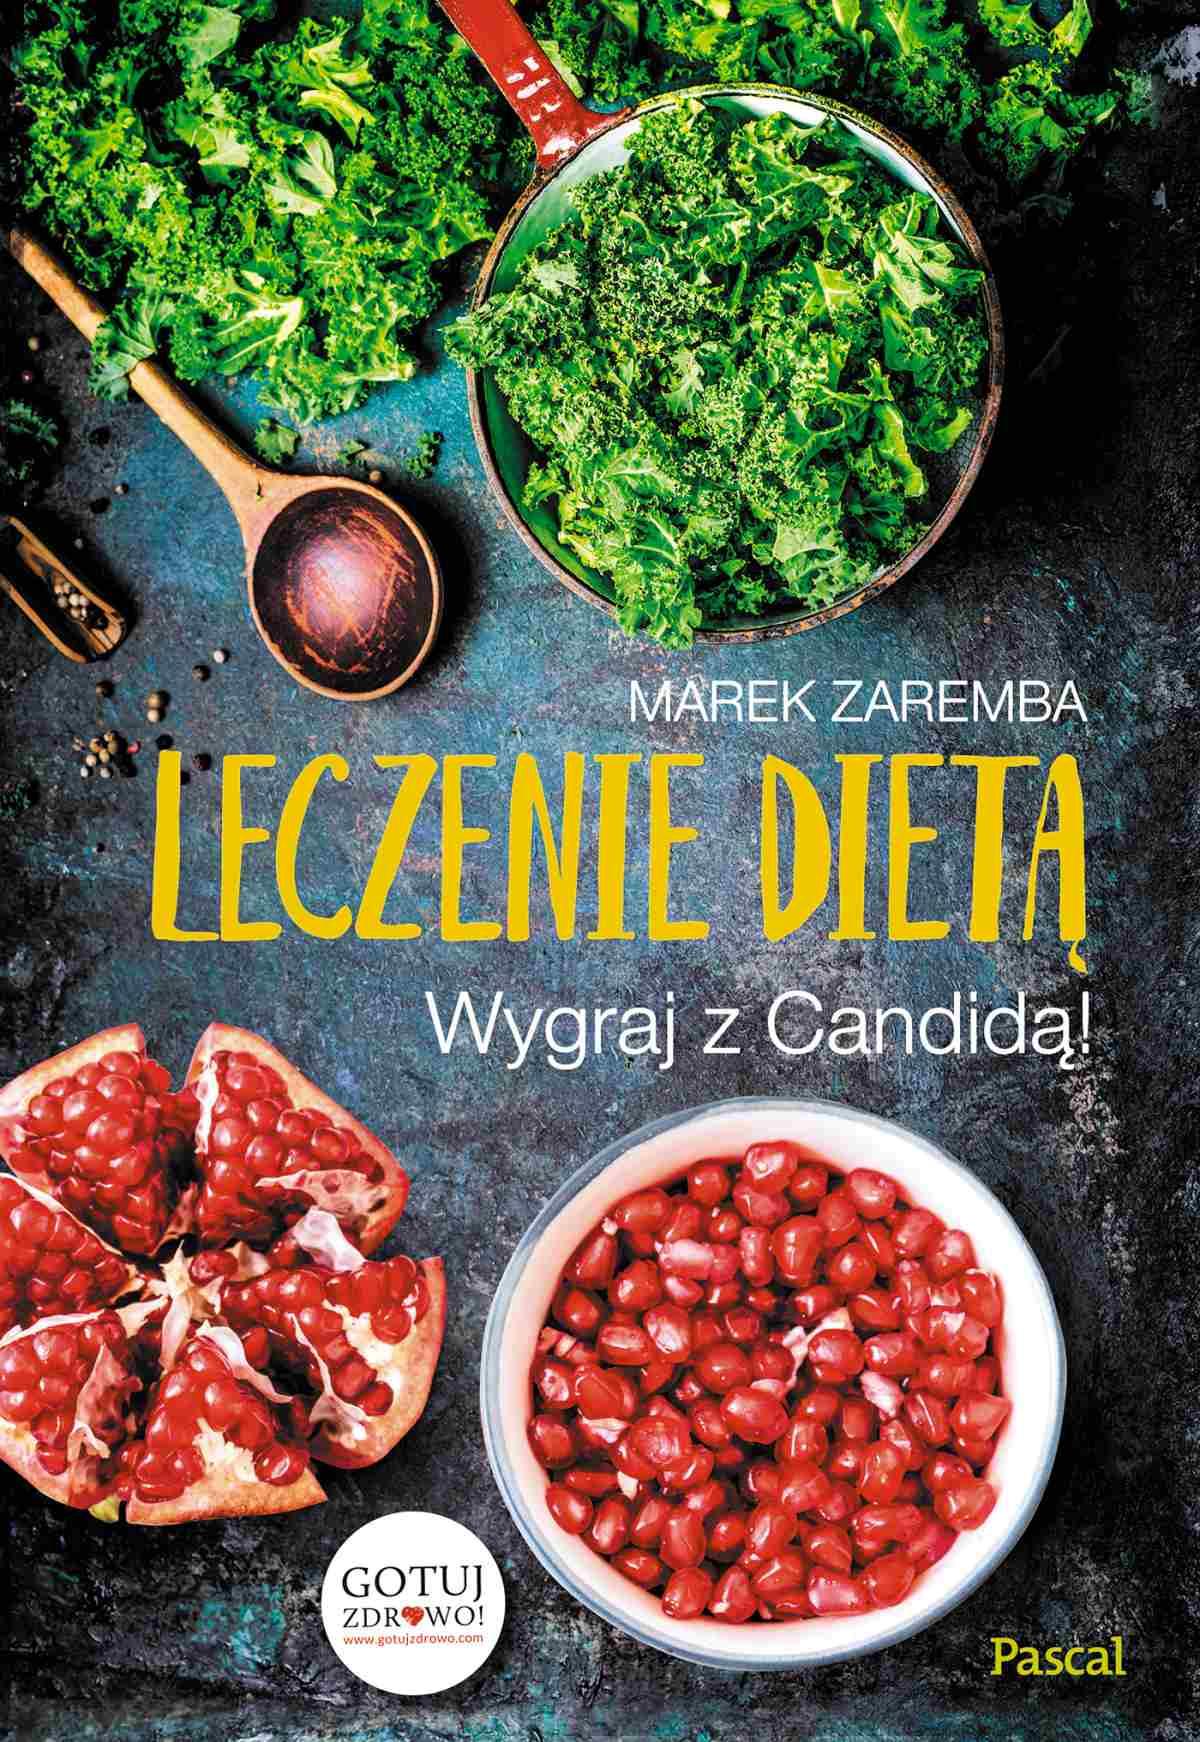 Leczenie dietą. Wygraj z Candidą! - Ebook (Książka EPUB) do pobrania w formacie EPUB